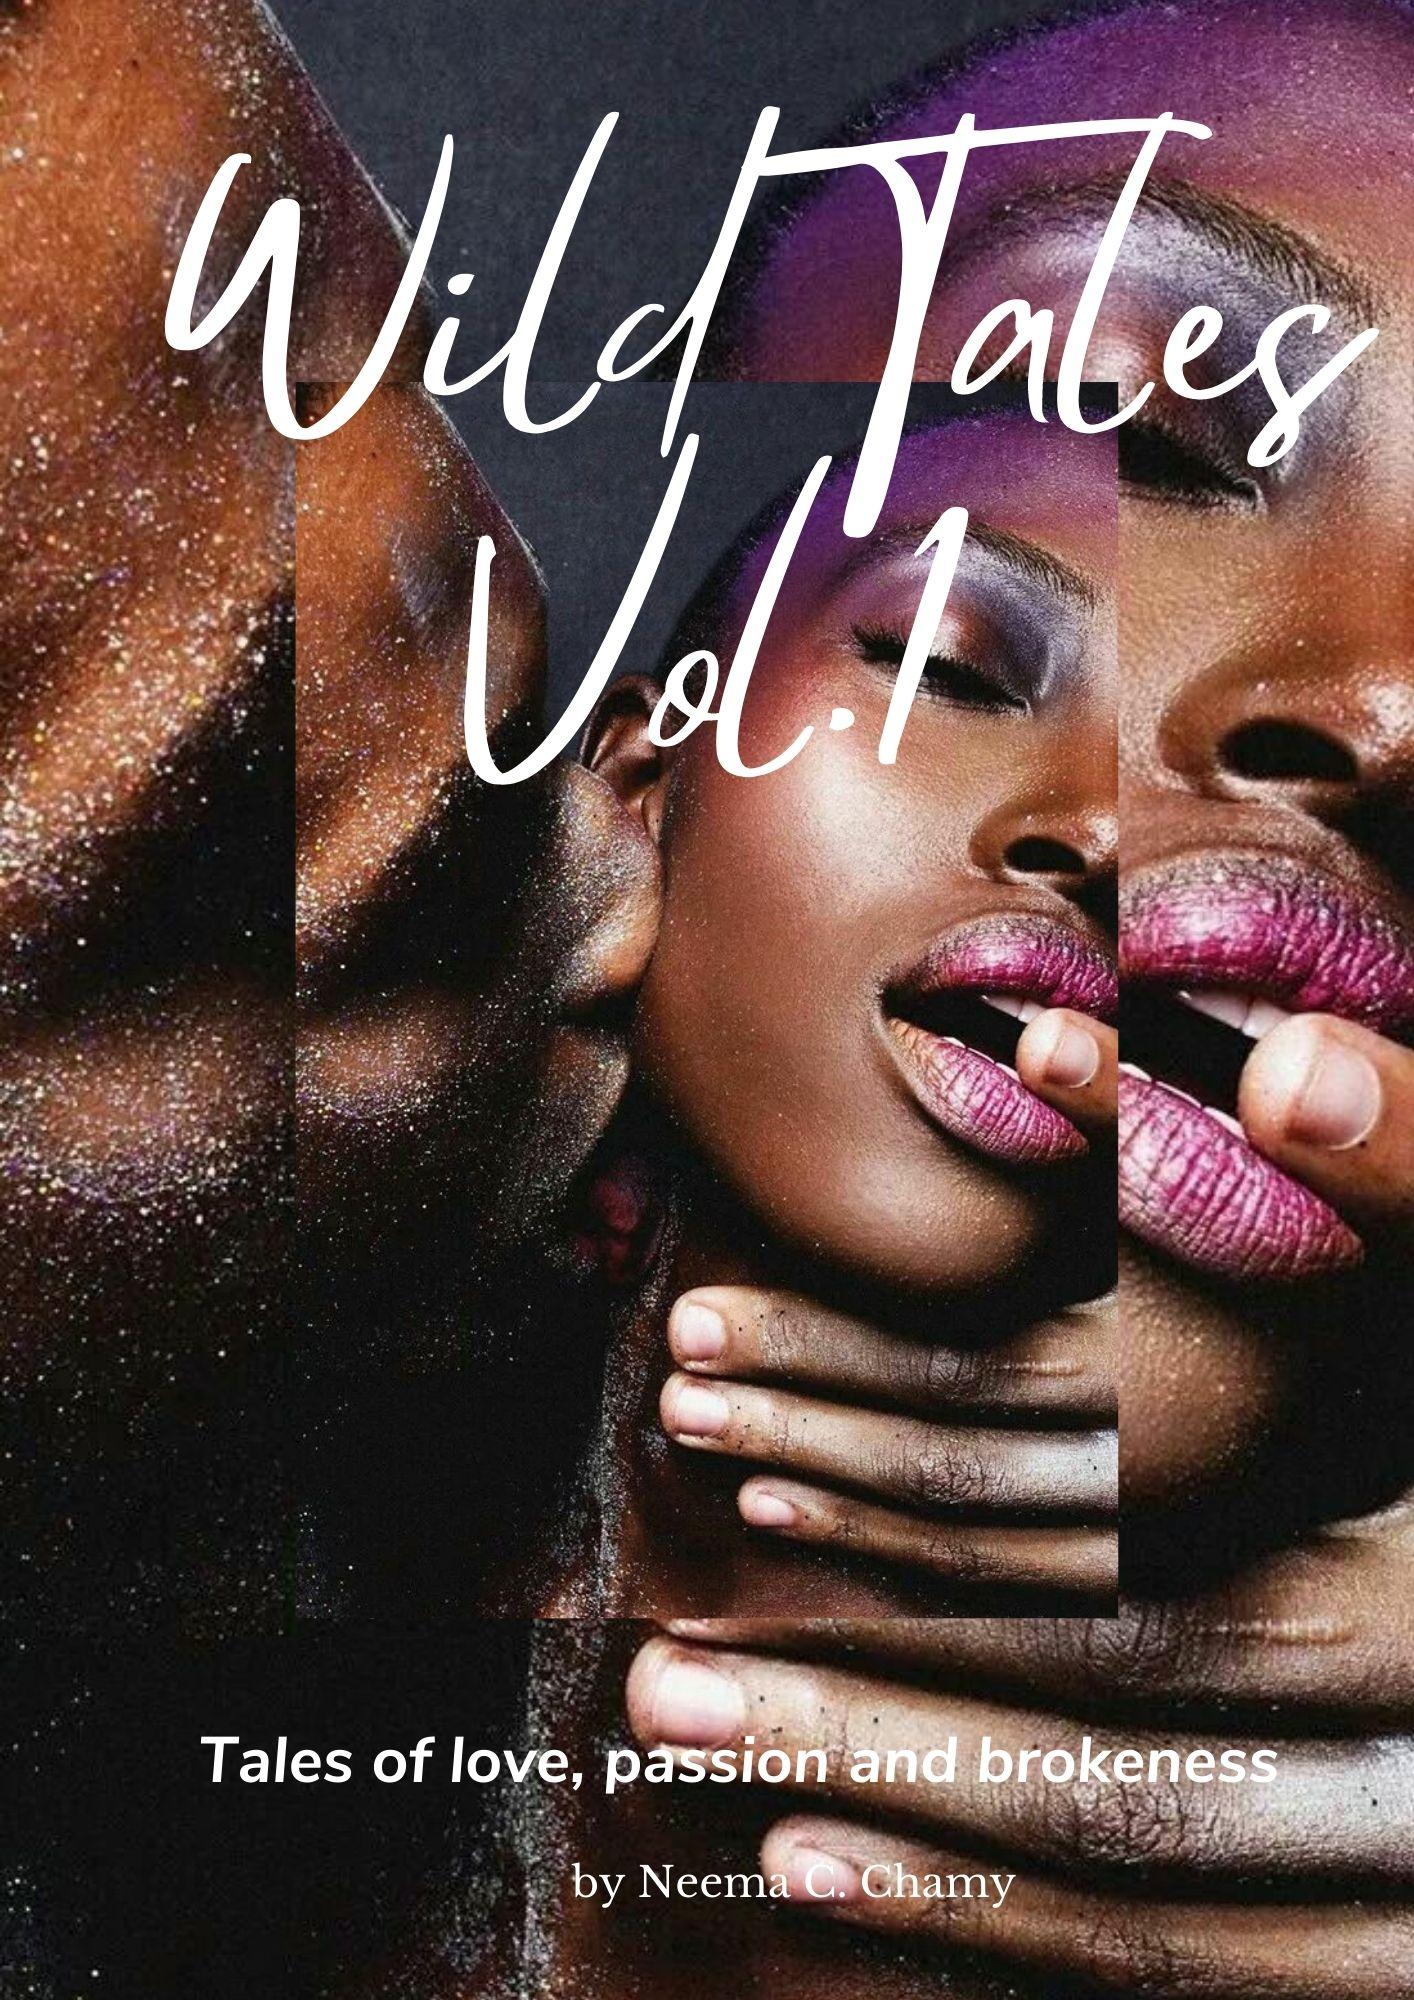 Wild Tales Vol.1